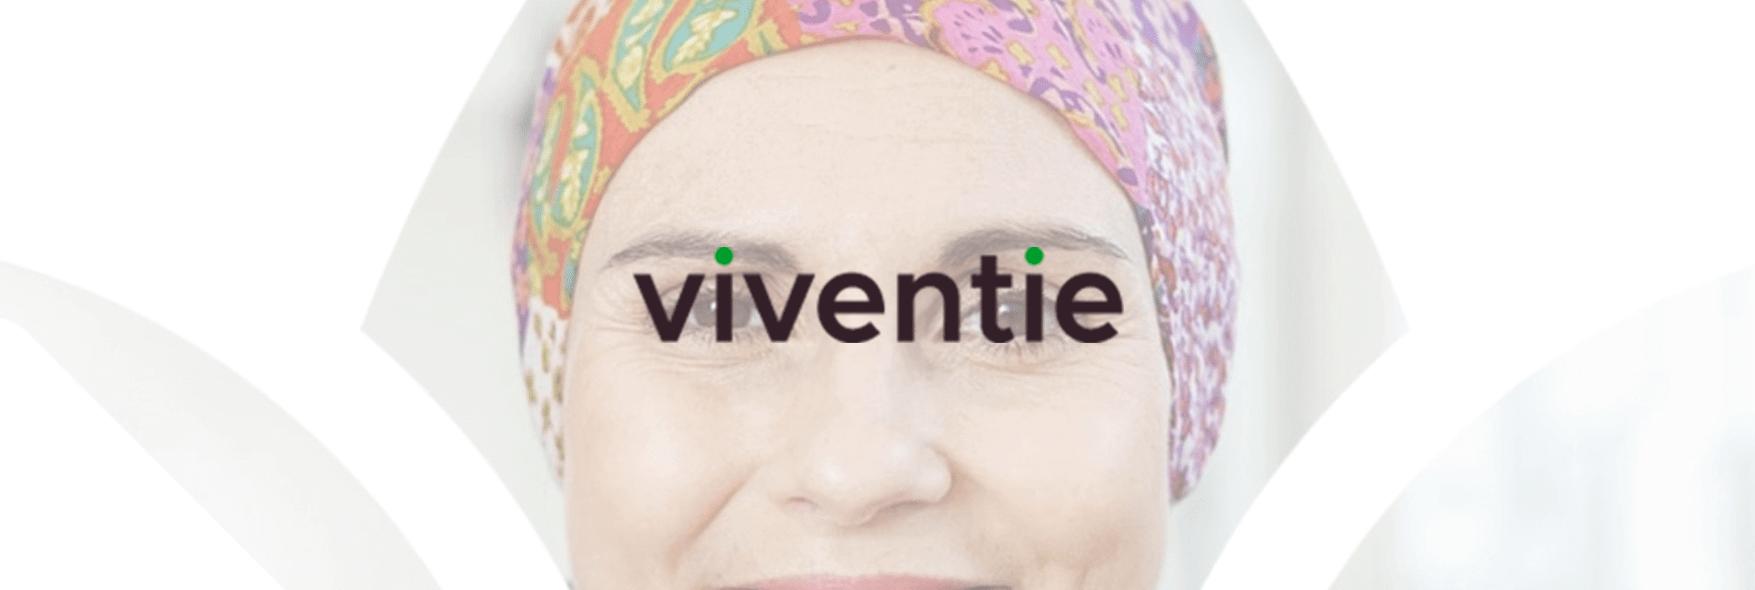 Viventie - fondo